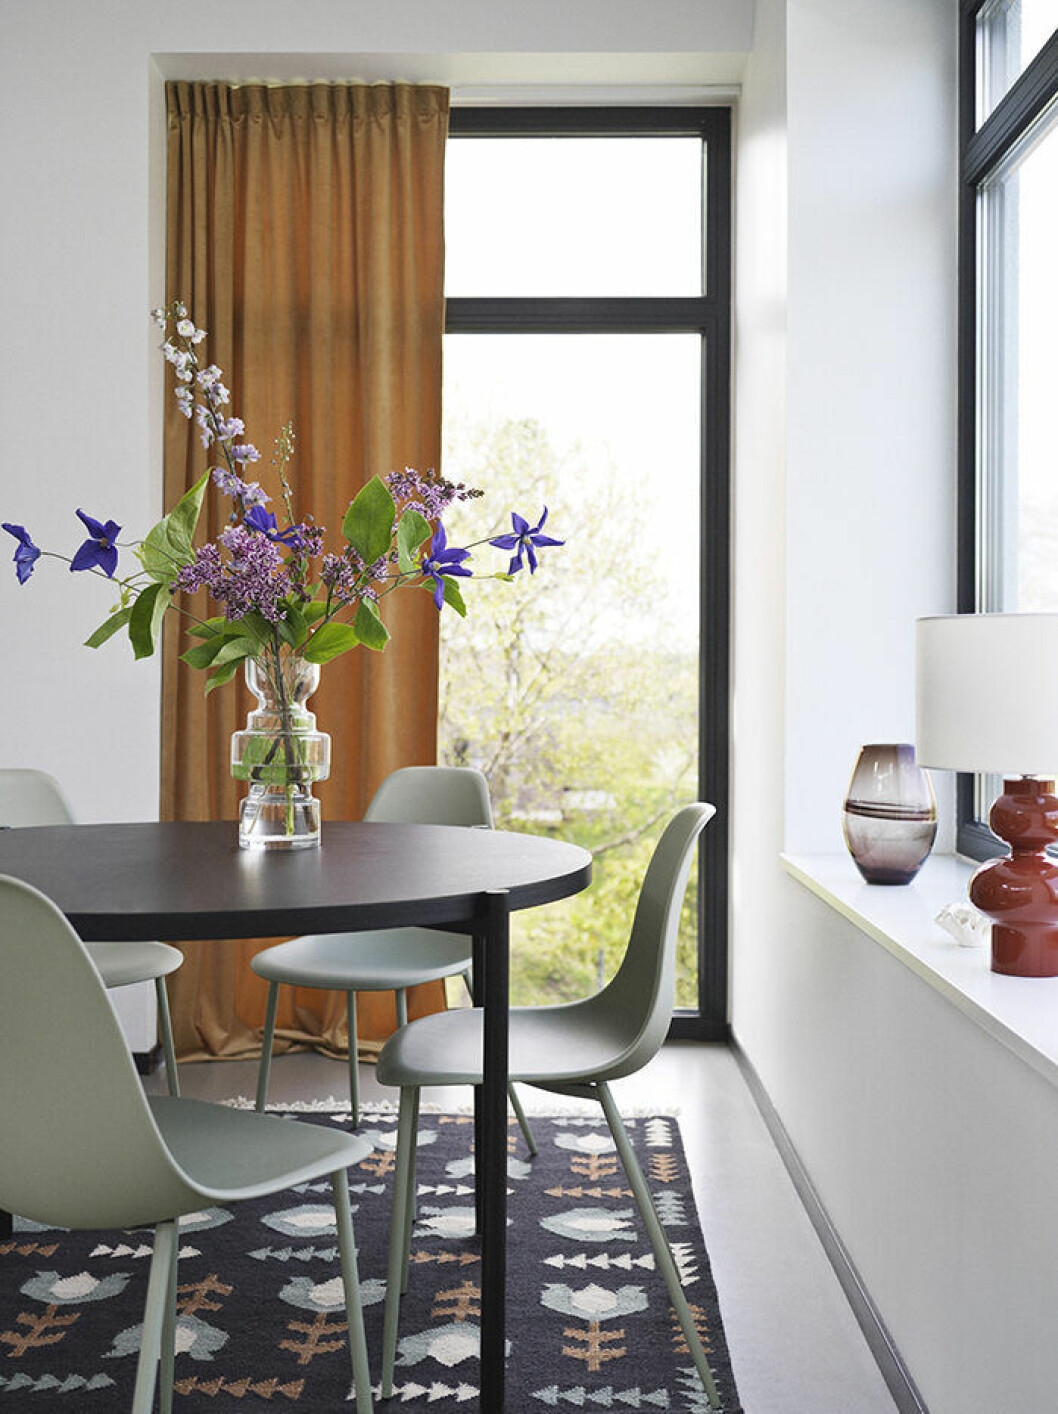 Matbord i miljöbild från Åhlens höstkollektion 2019, brun skala